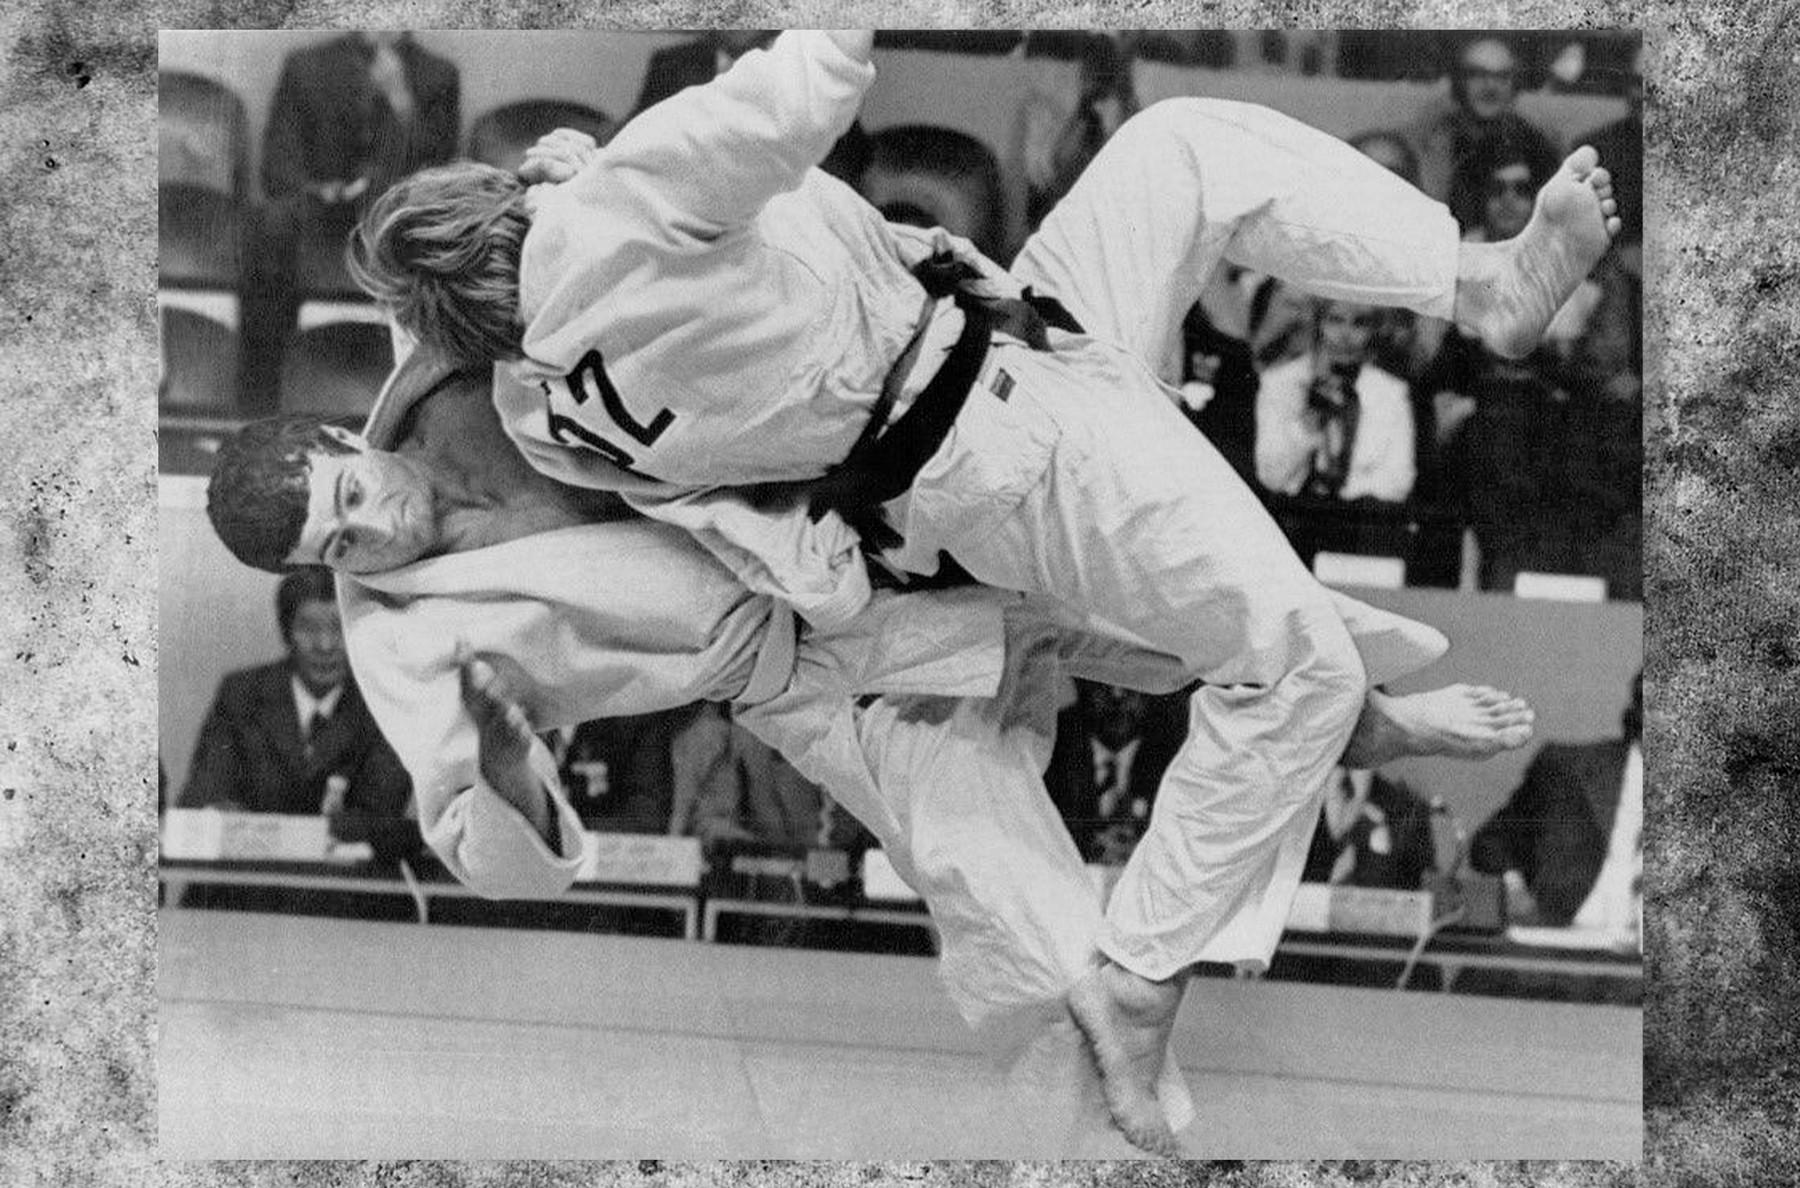 Campeón olímpico de judo, Shota Chochishvili, 1972.